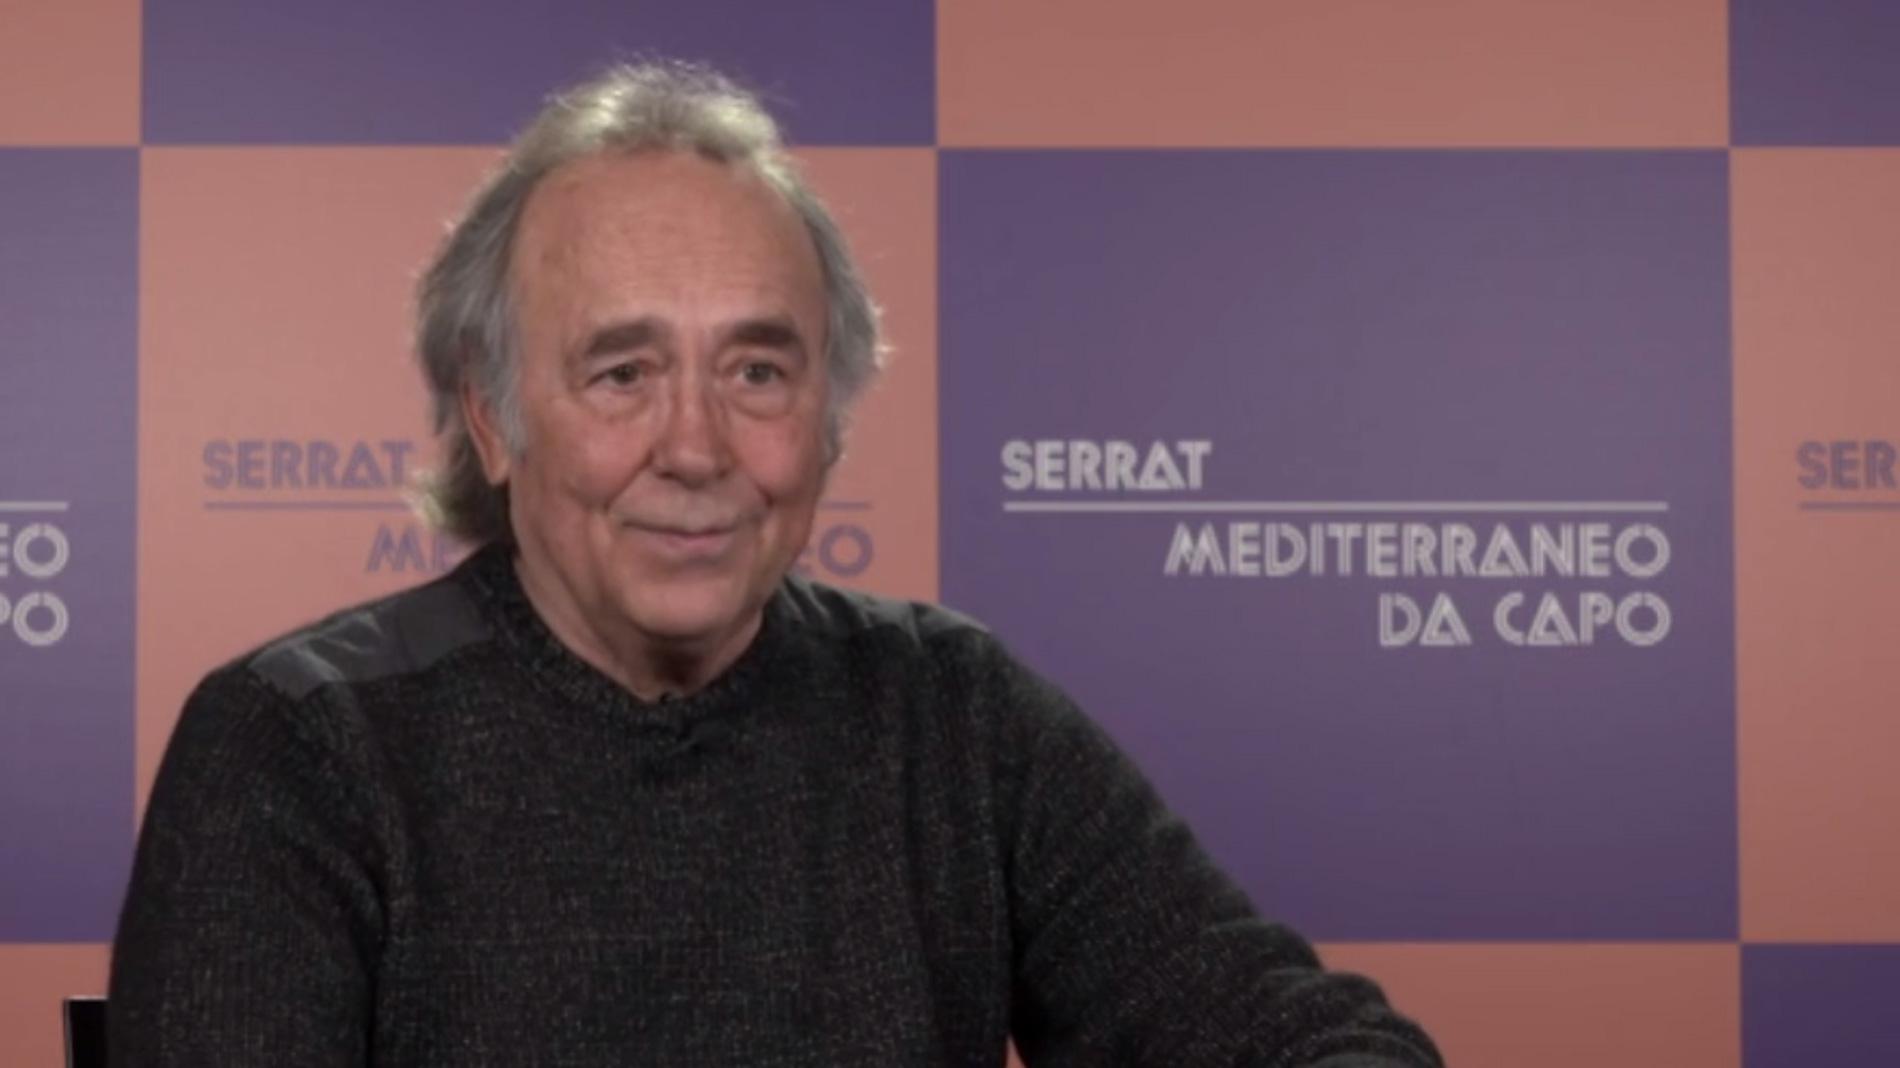 Serrat en cuatro minutos: de Mediterráneo a Cataluña